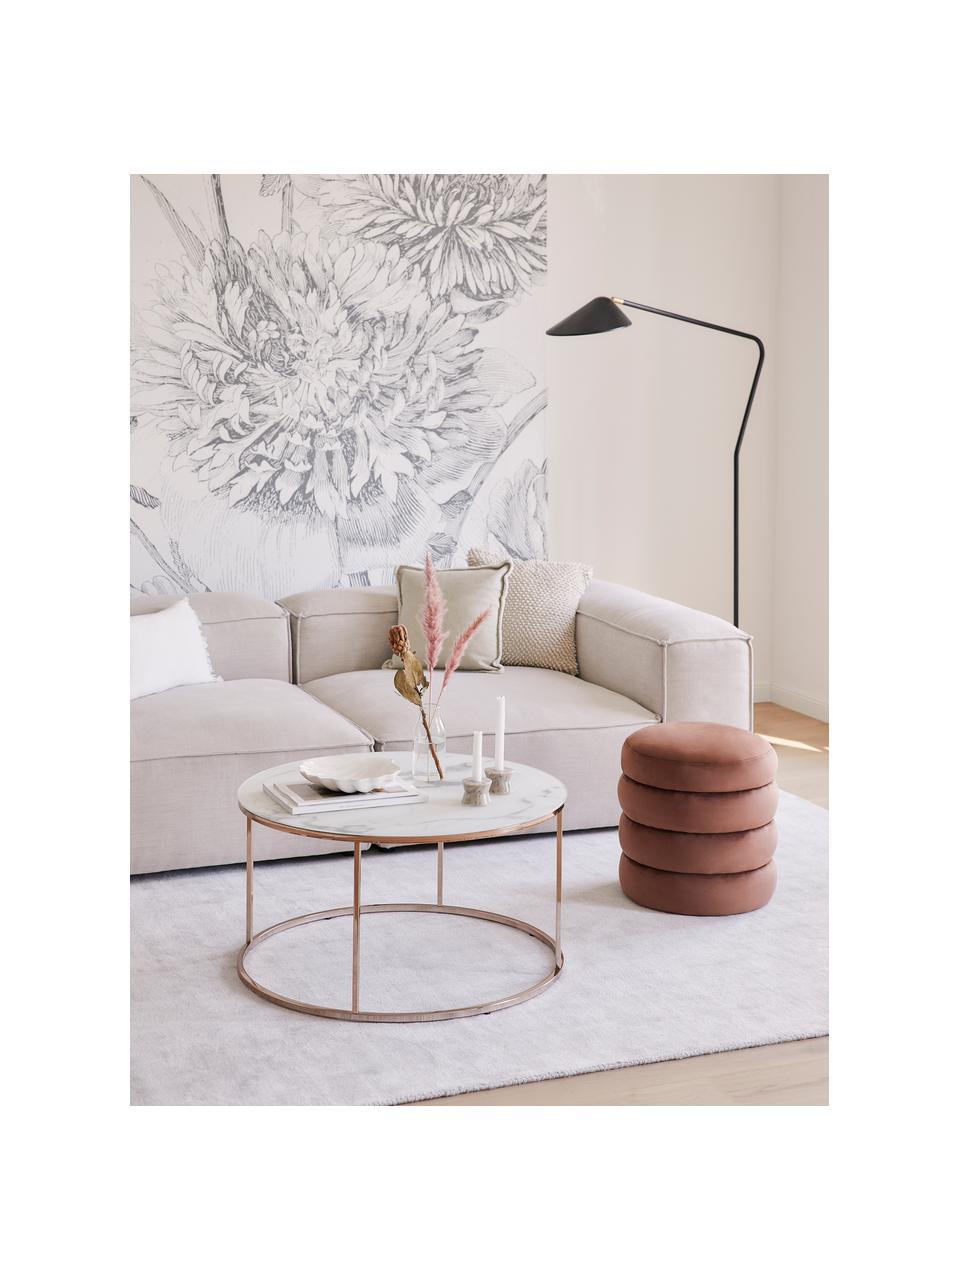 Fluwelen poef Alto, Bekleding: fluweel (polyester), Frame: massief grenenhout, multi, Fluweel bruin, Ø 42 x H 47 cm